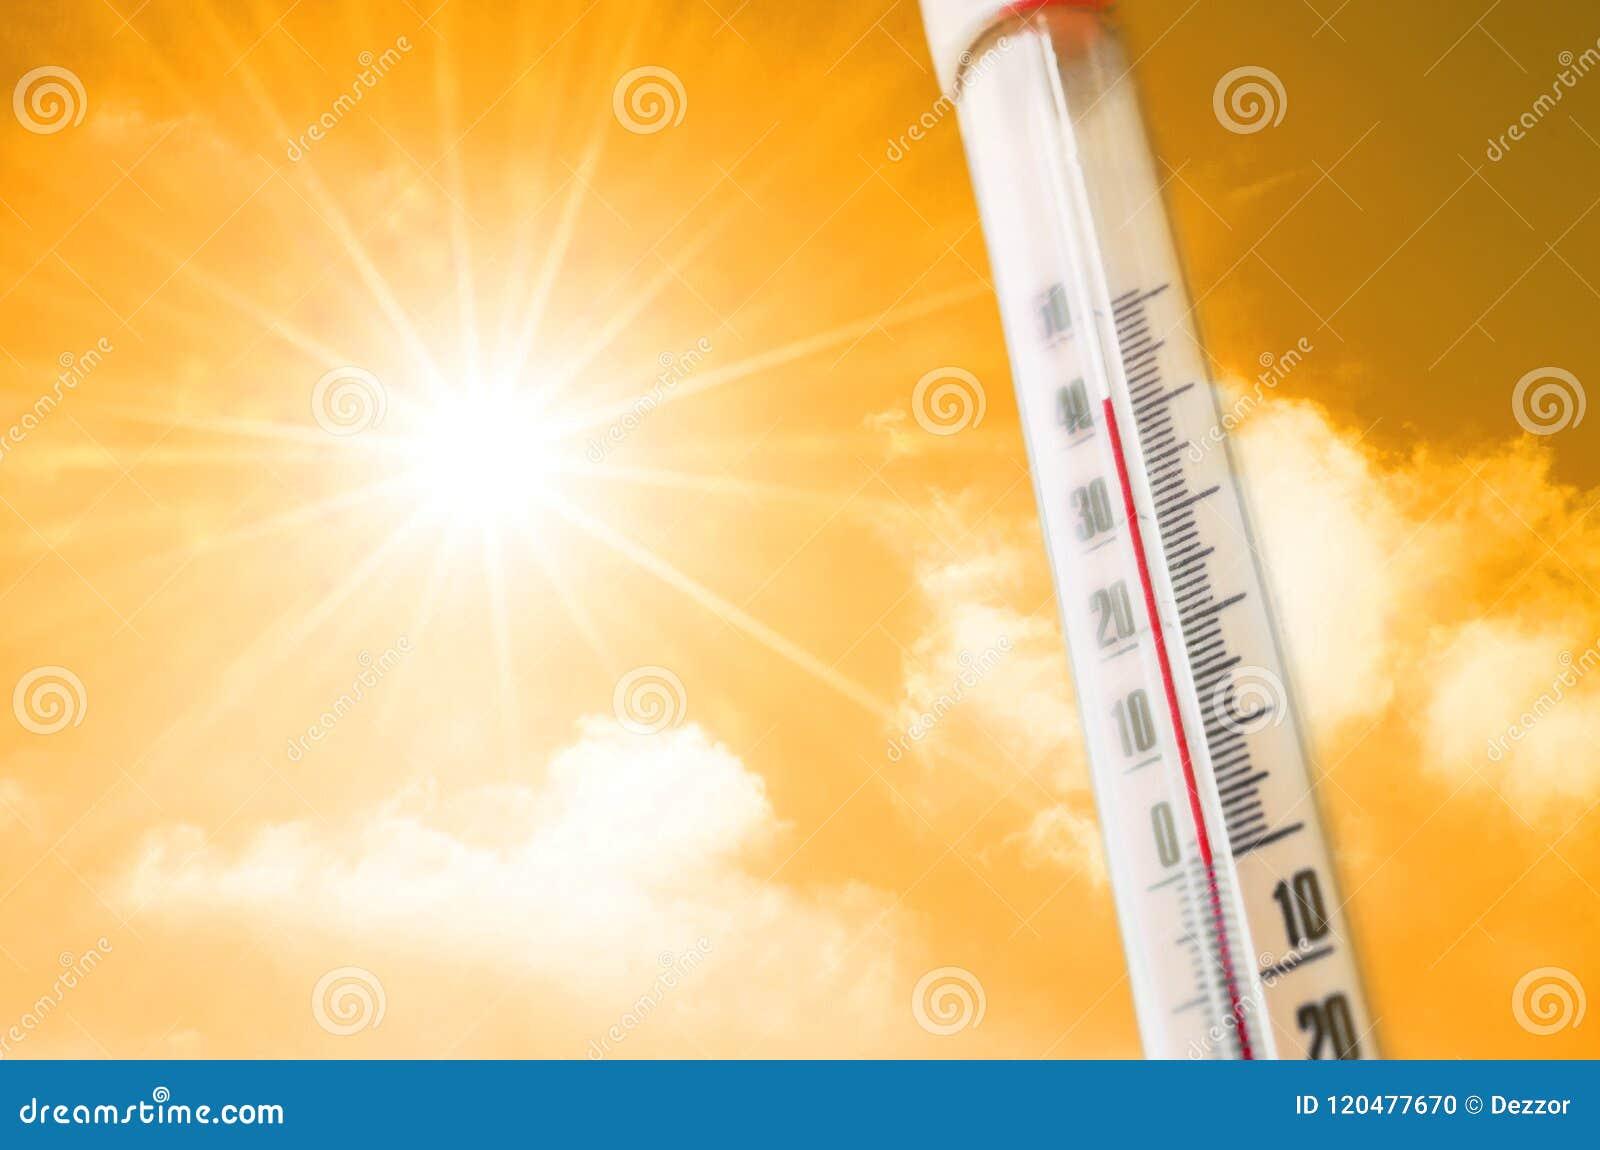 Termometro contro lo sfondo di un incandescenza calda di giallo arancio delle nuvole e del sole, concetto di caldo